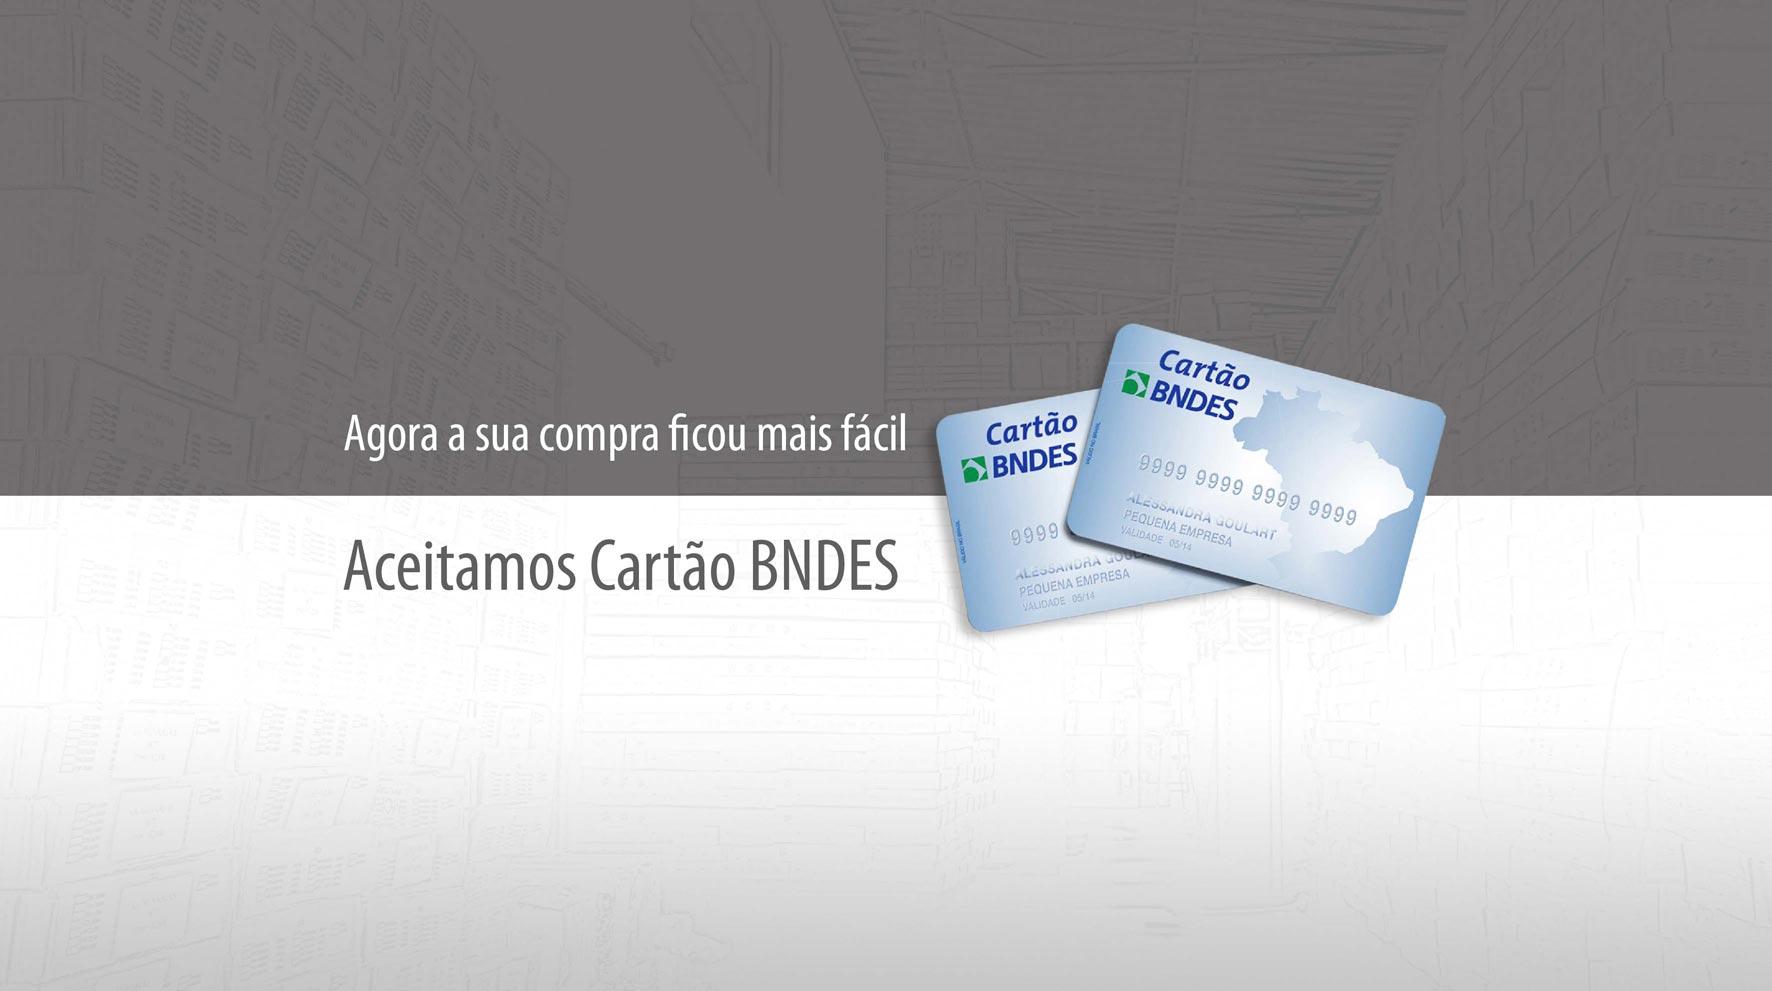 Aceitamos-Cartão-BNDES